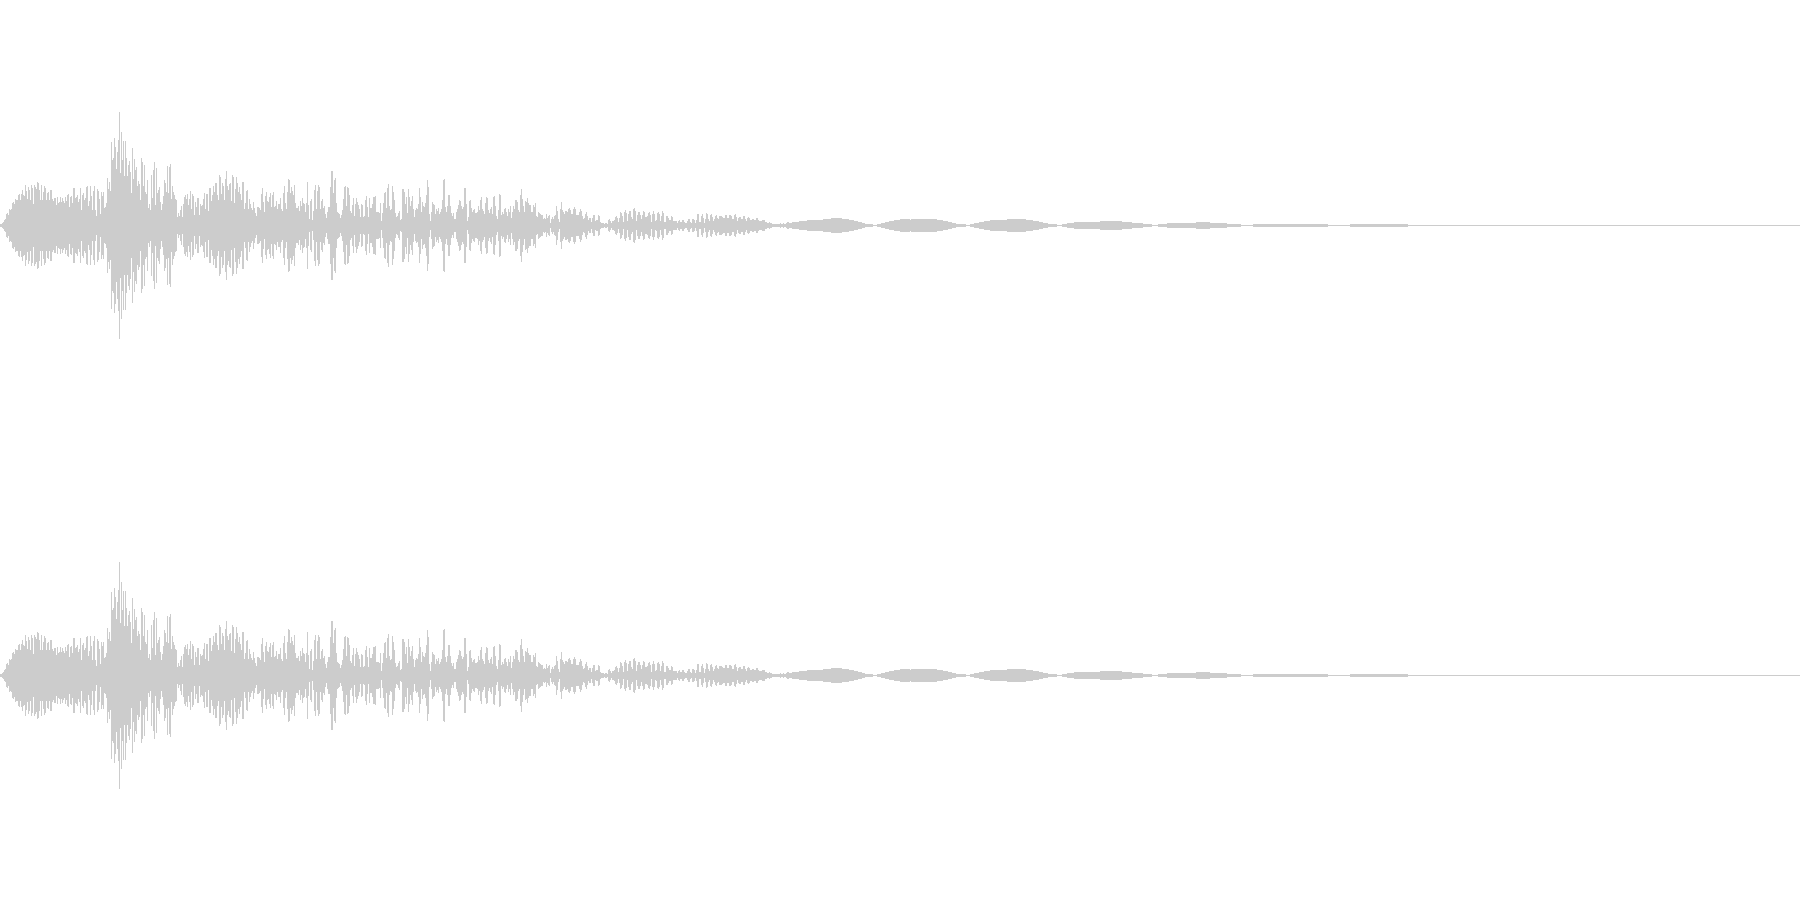 [ピョン]カーソル移動(短くコミカル)の未再生の波形